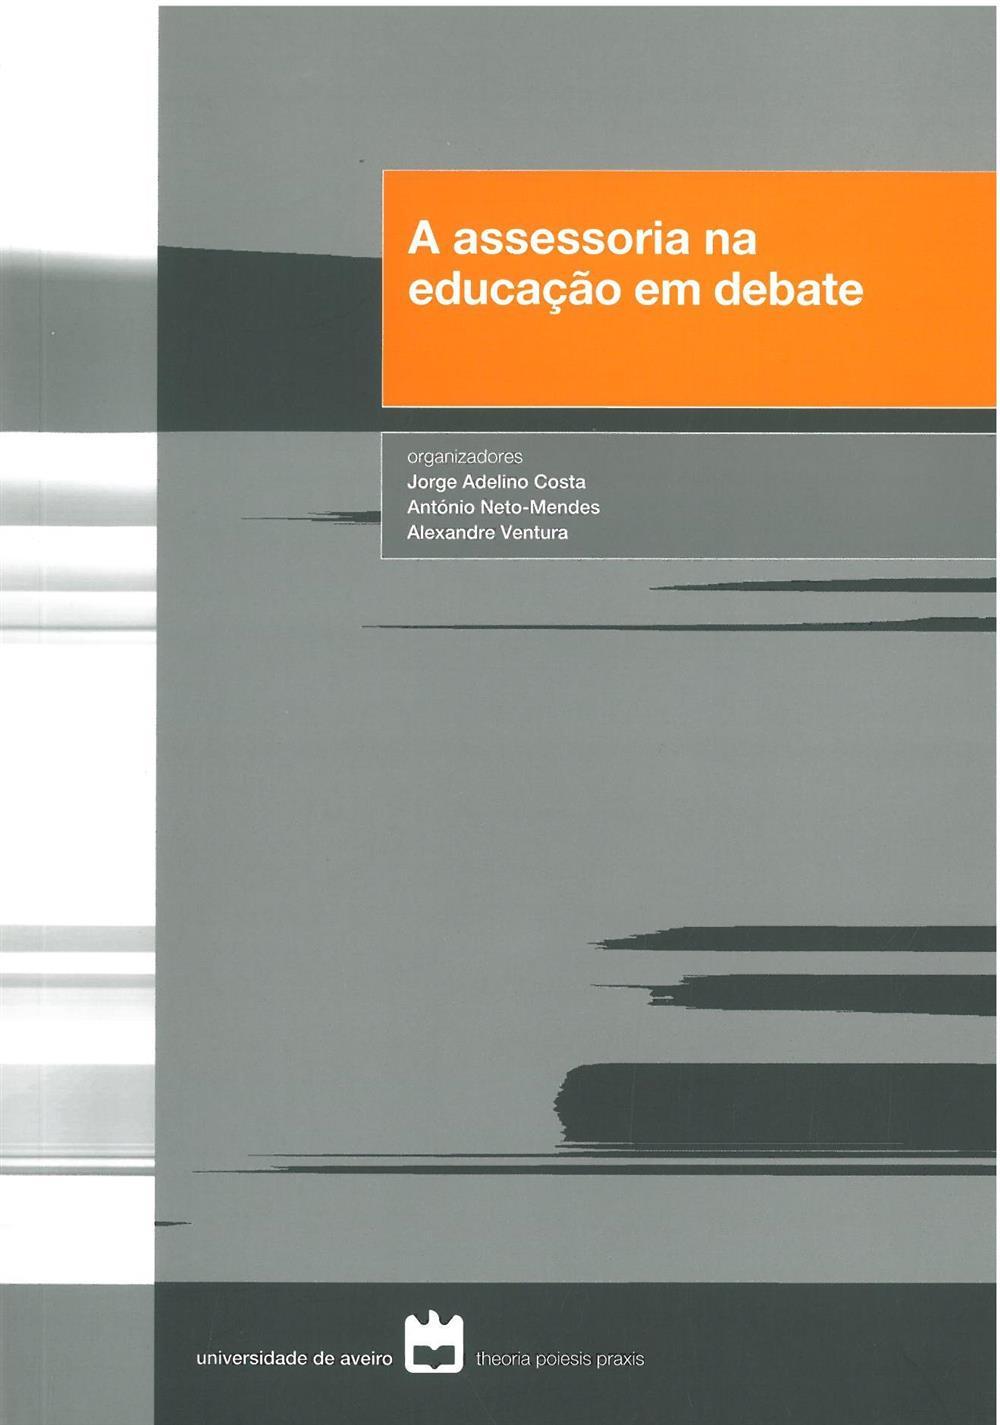 A assessoria na educação em debate_.jpg